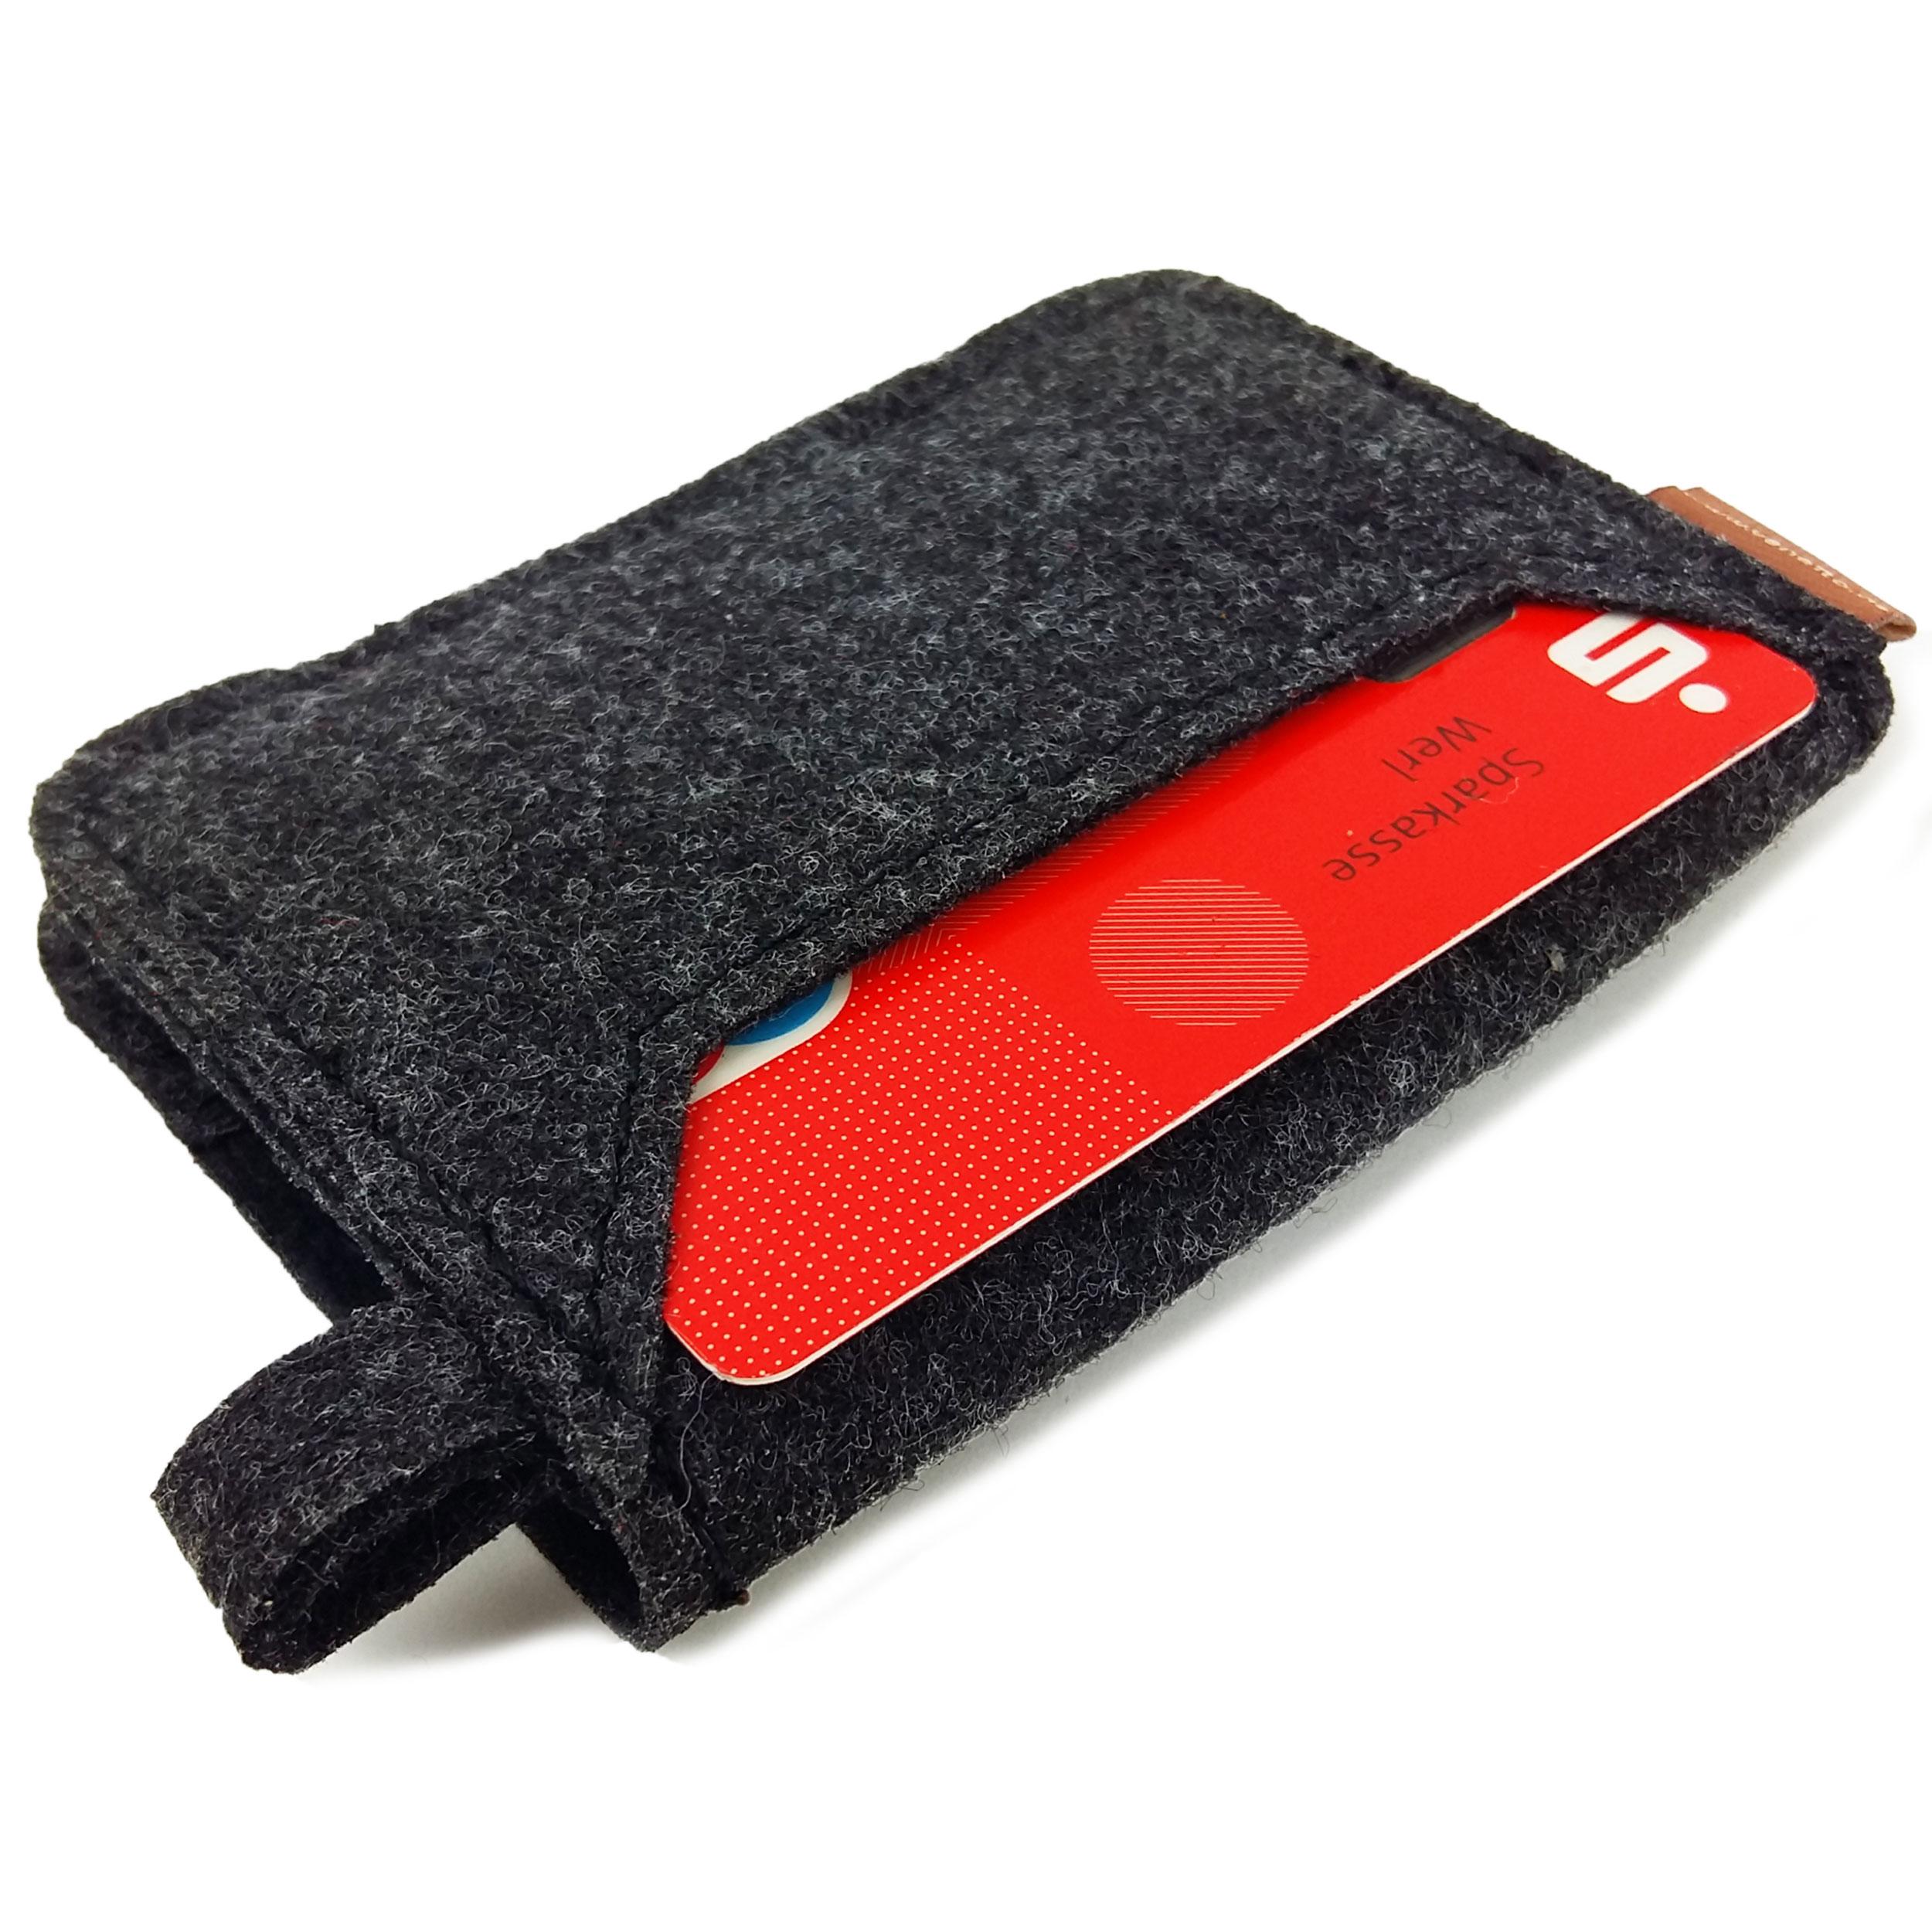 Mini Geldbörse Portemonnaie aus Filz direkt vom Hersteller, grau